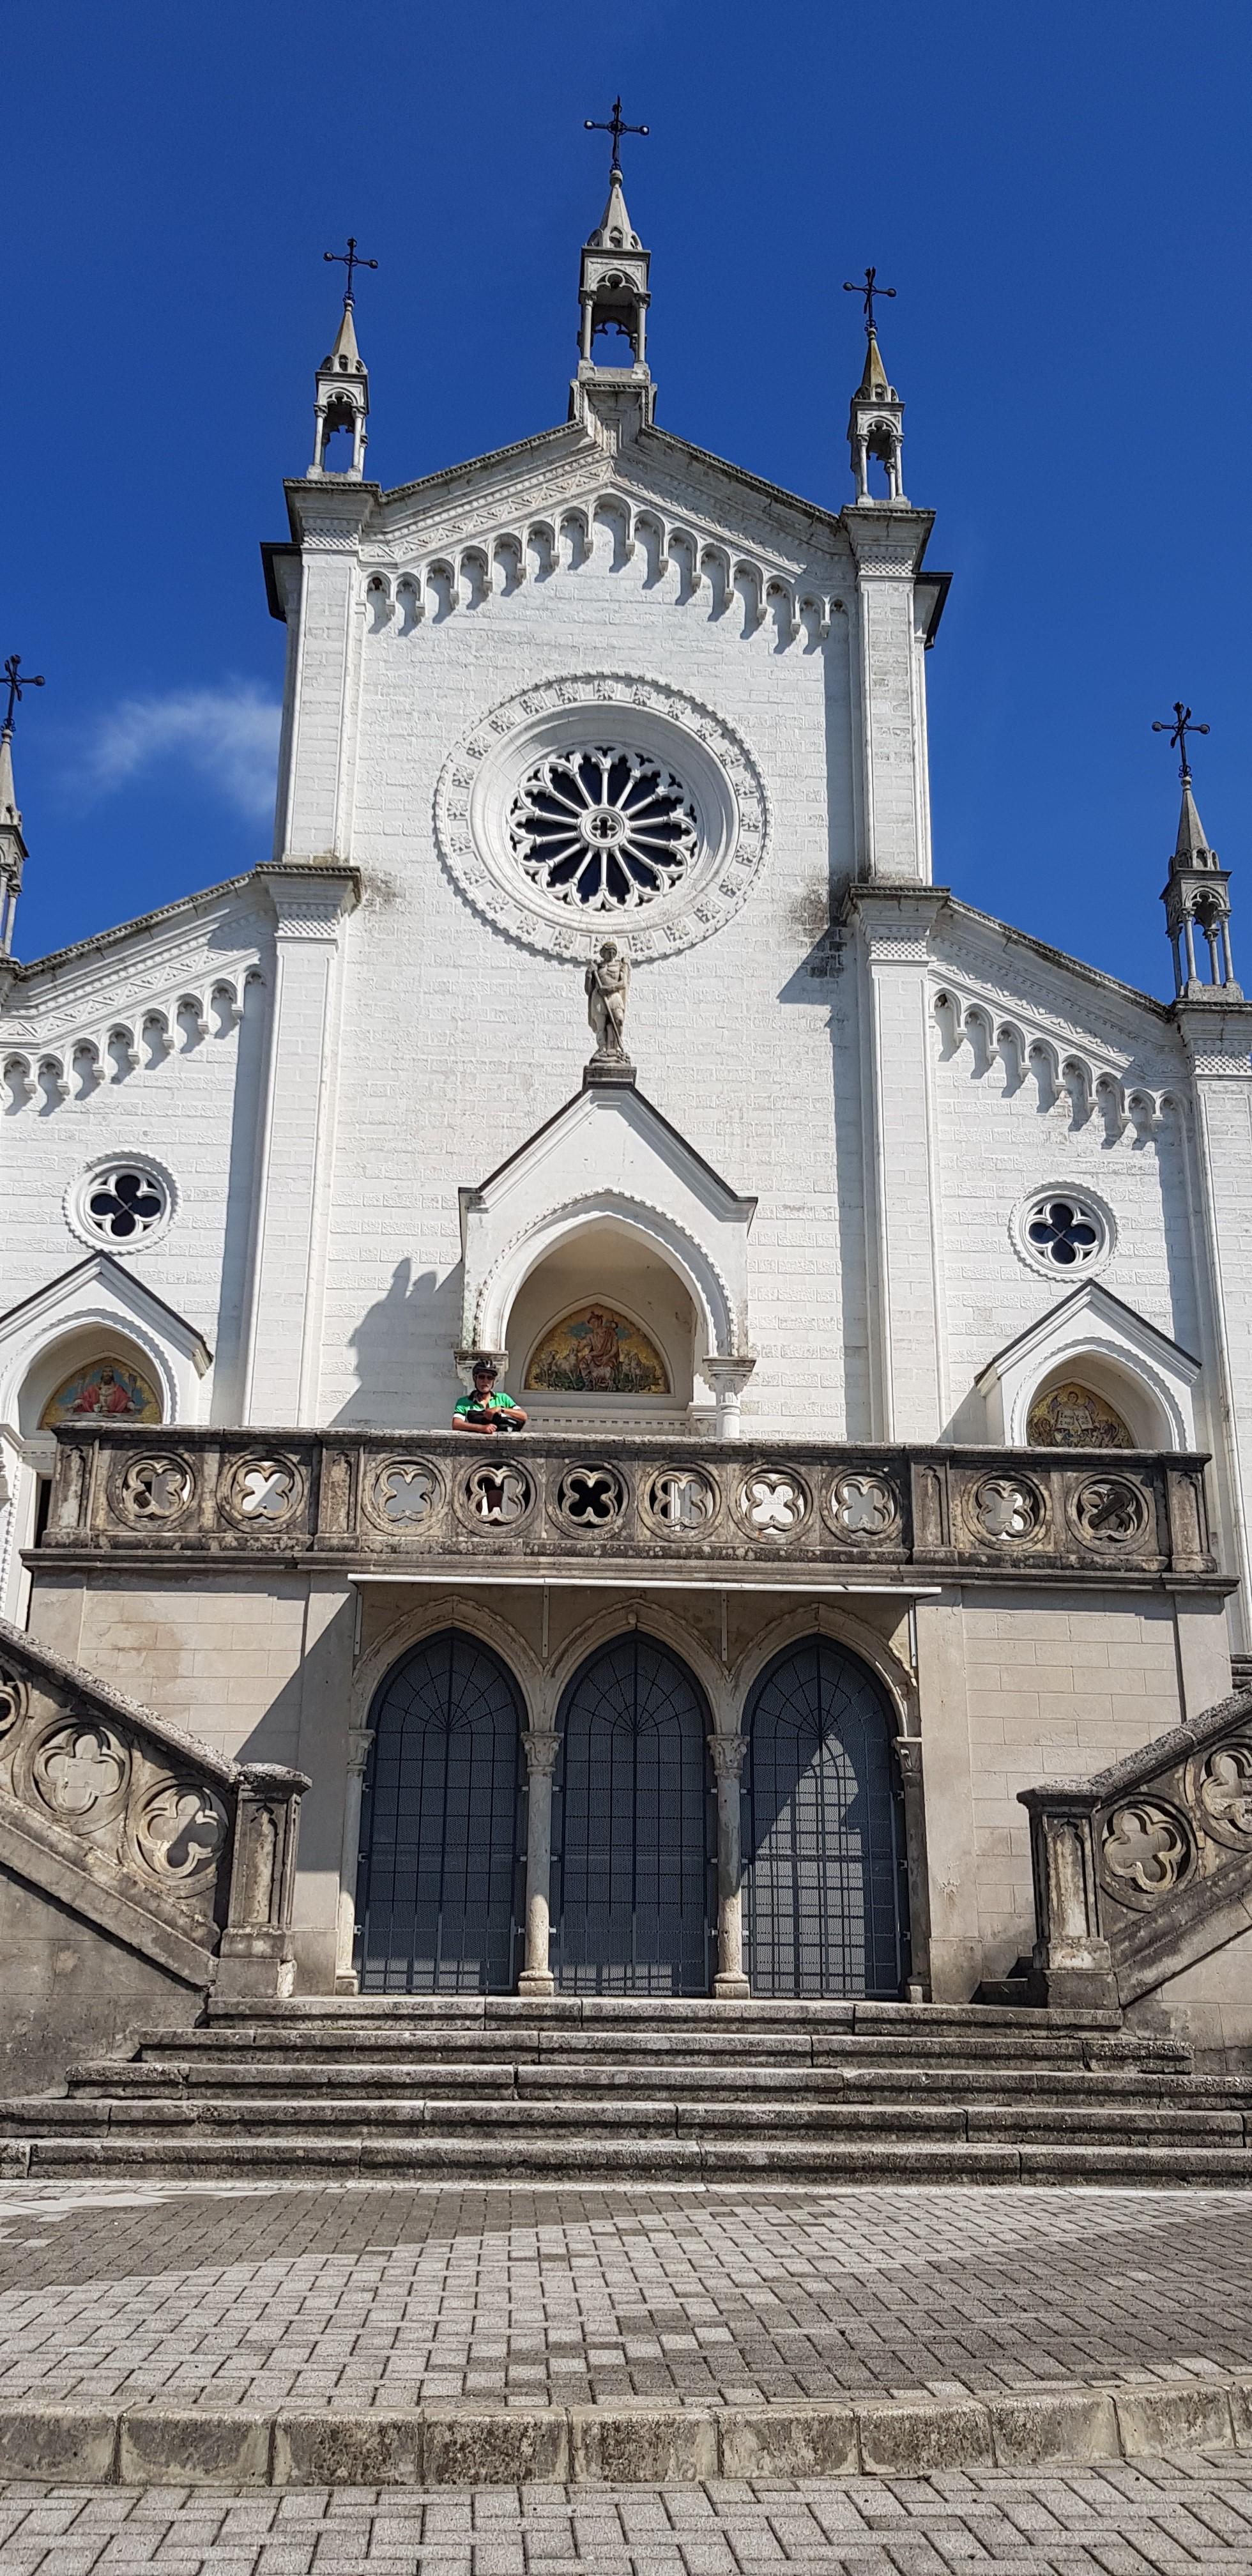 Treppo Grande, Chiesa di San Michele Arcangelo